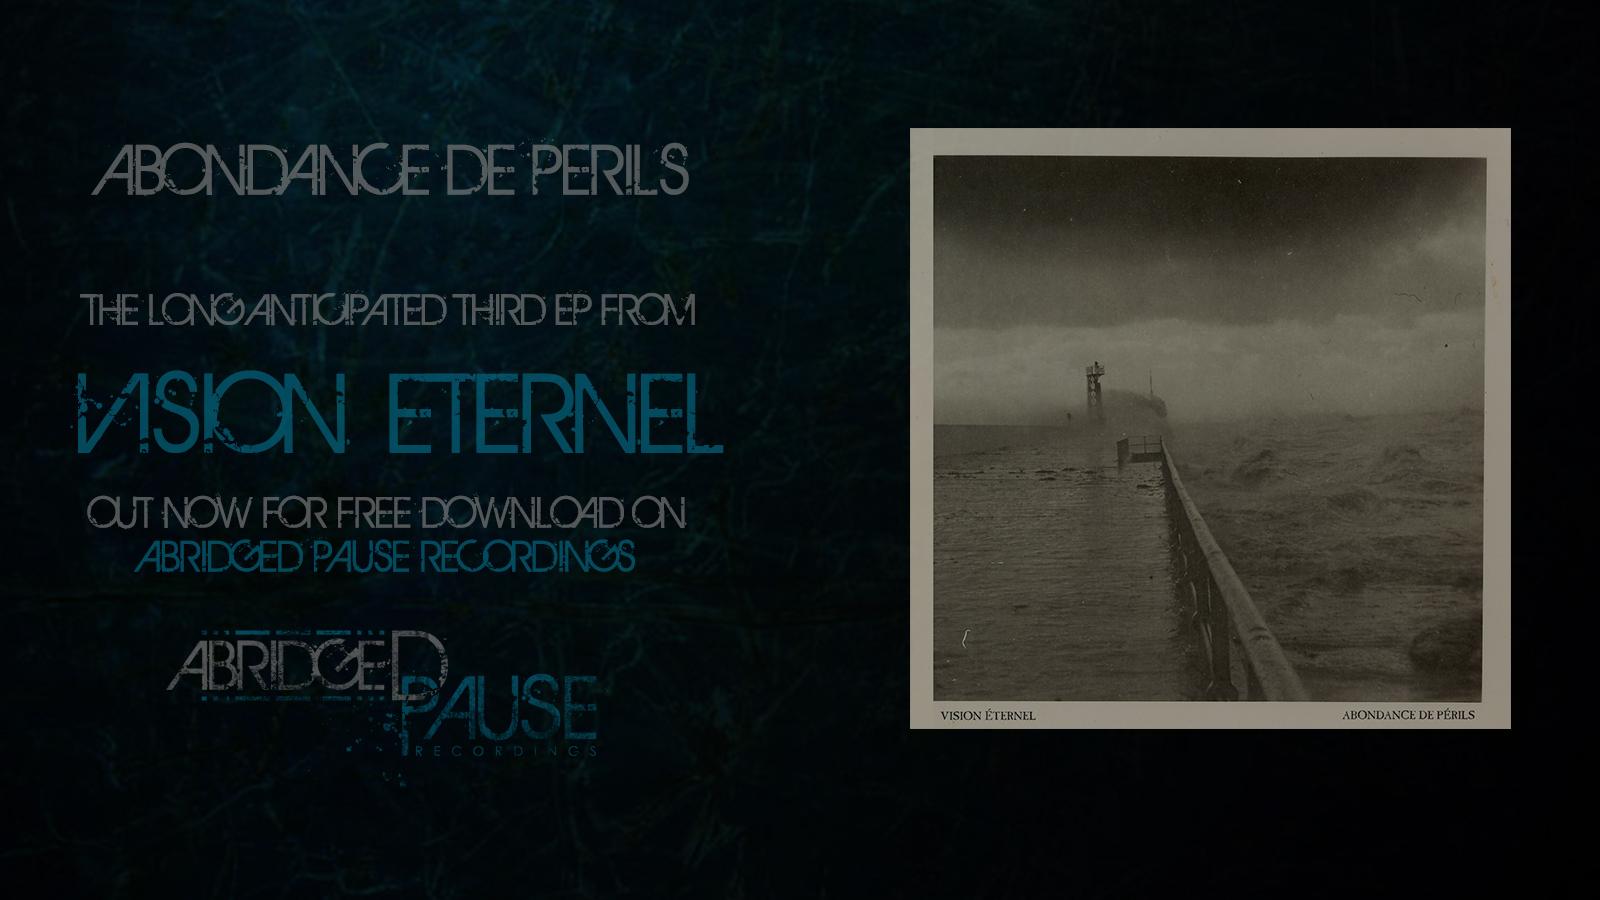 Vision Éternel Abondance De Périls EP Is Released